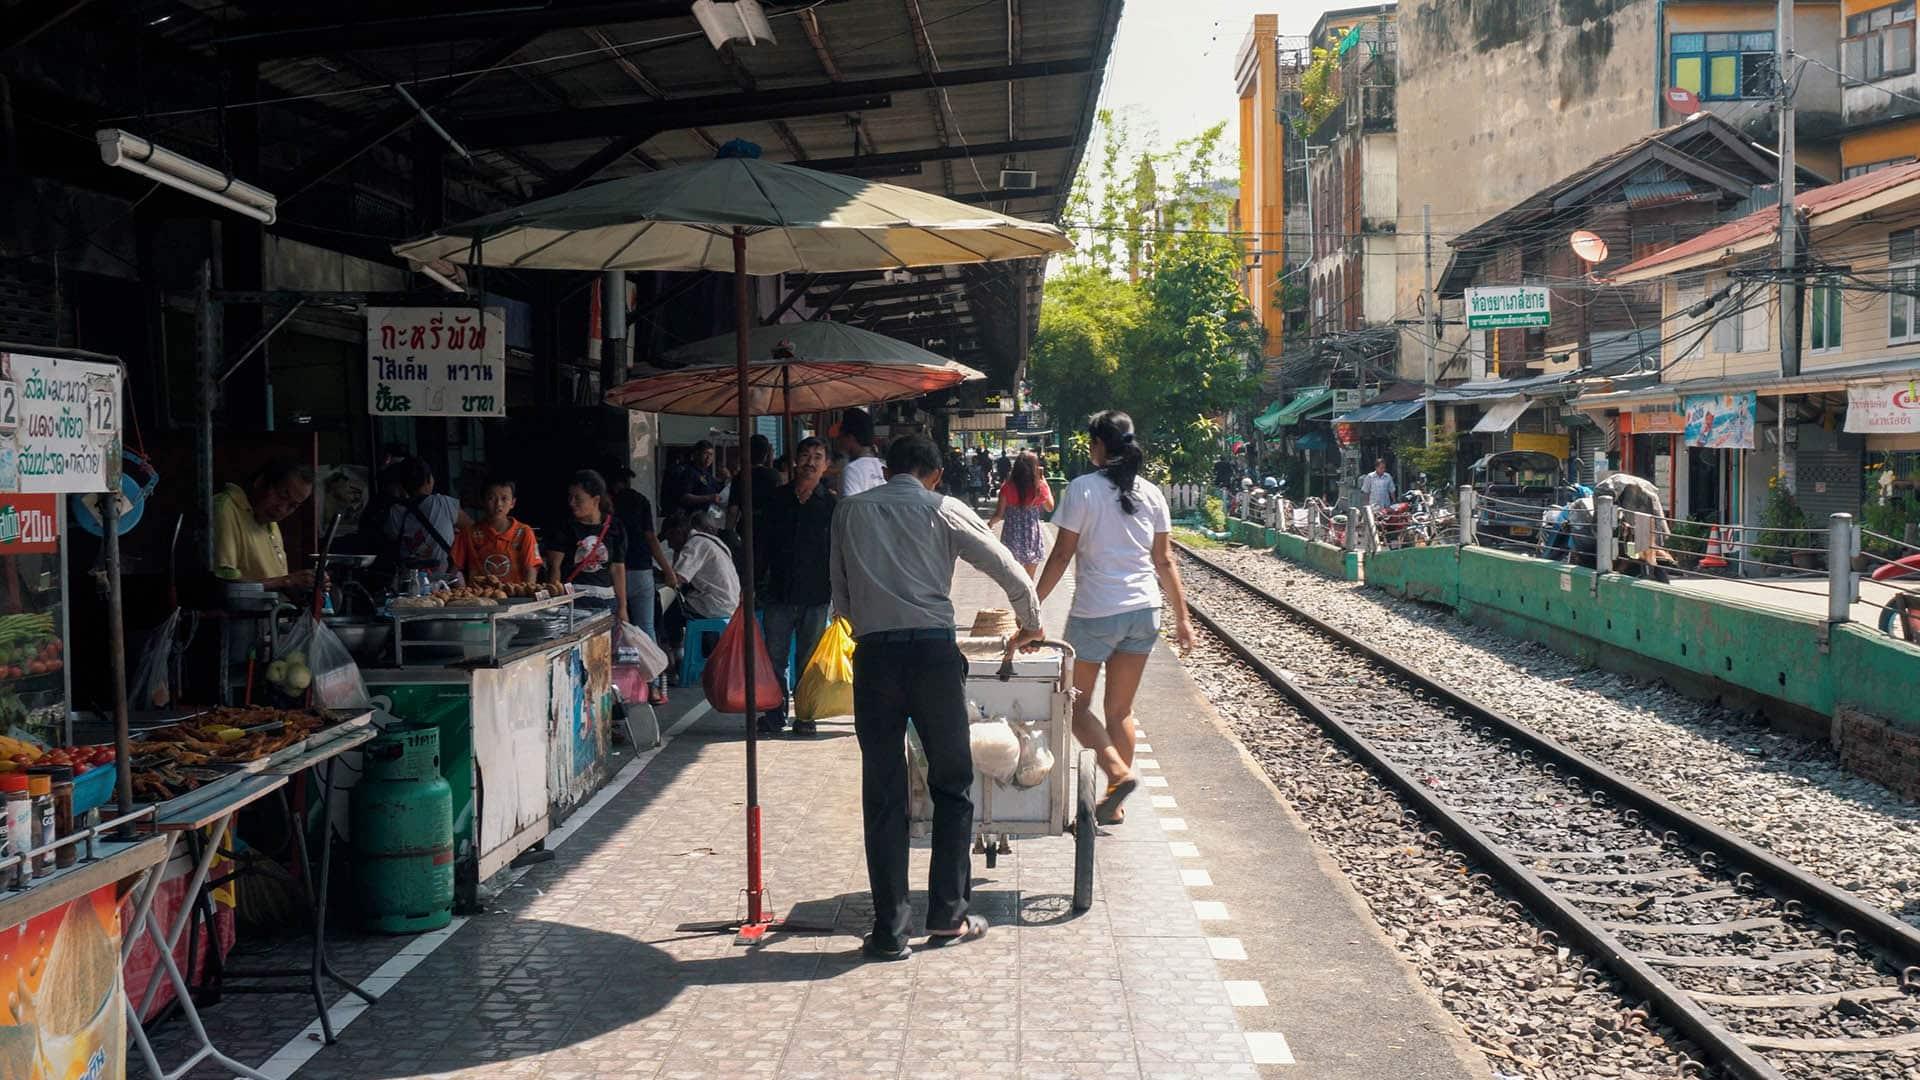 Wongwian Yai Train Station in Bangkok